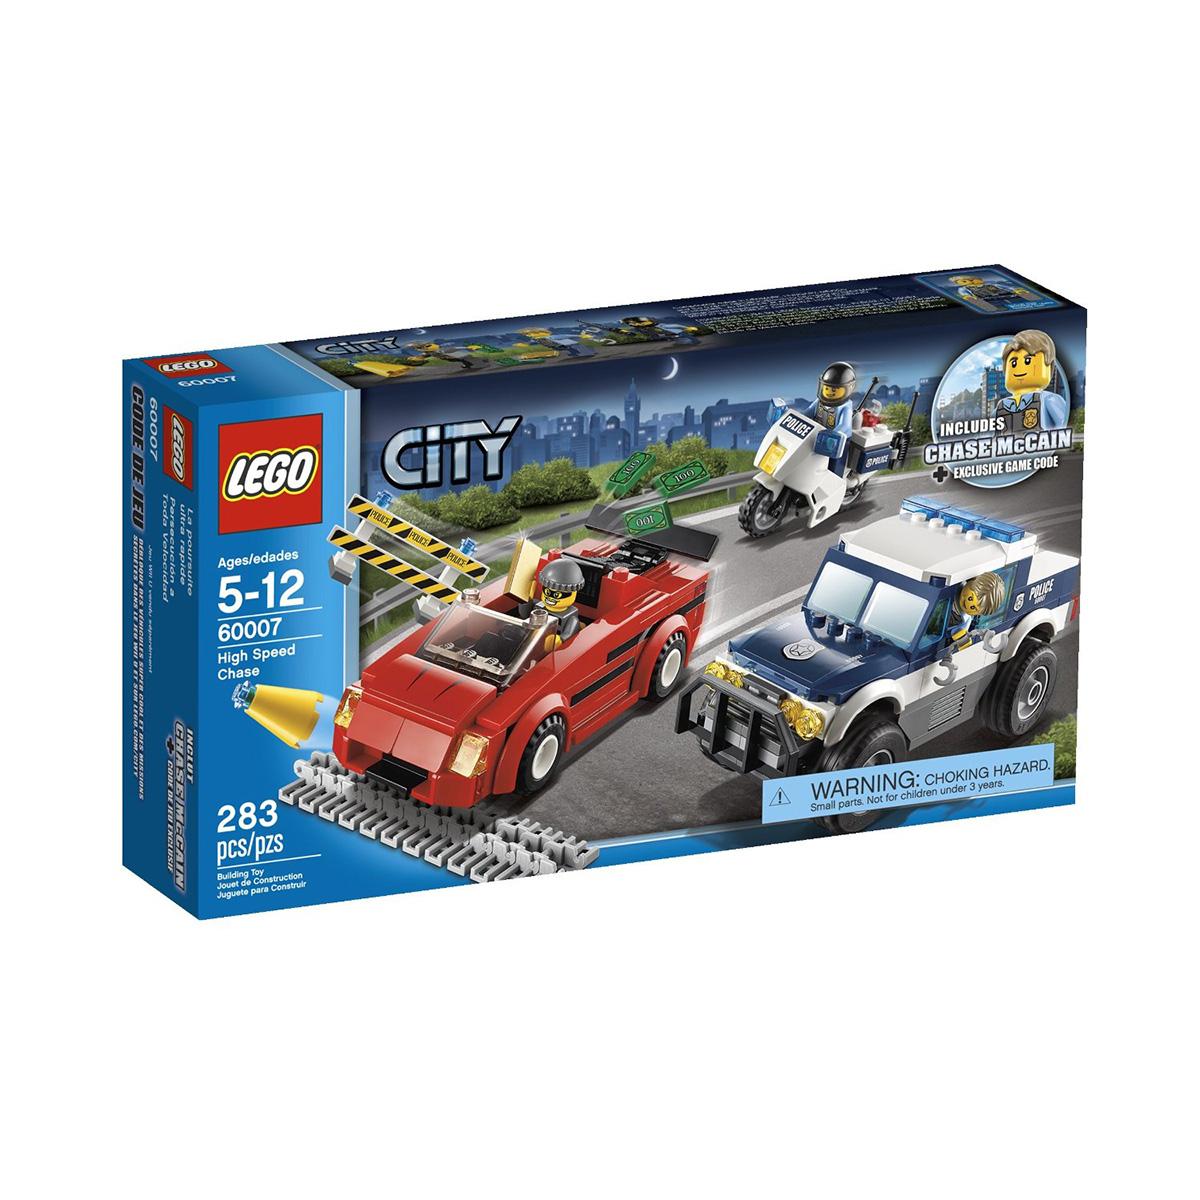 Do choi Lego 60070 – Ruot duoi dam lay